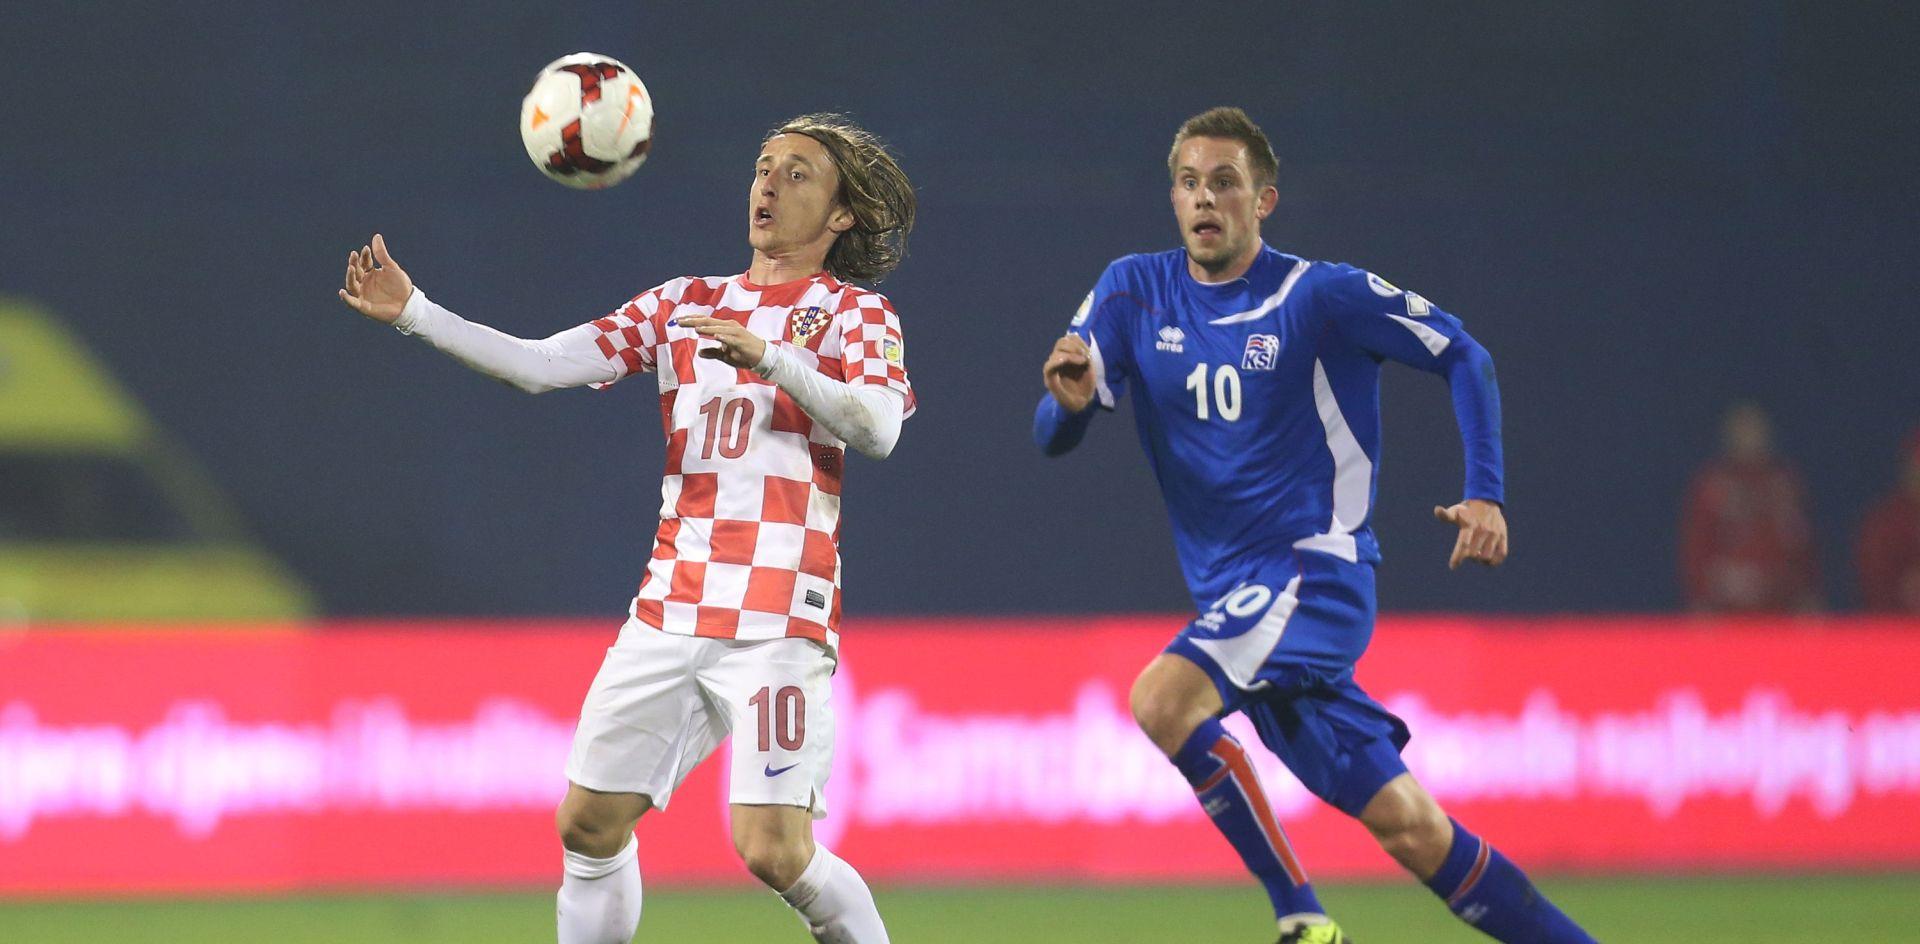 """ISLANĐANI """"Hrvatska ima jednu od najboljih reprezentacija u Europi, ali imamo i mi izgleda"""""""